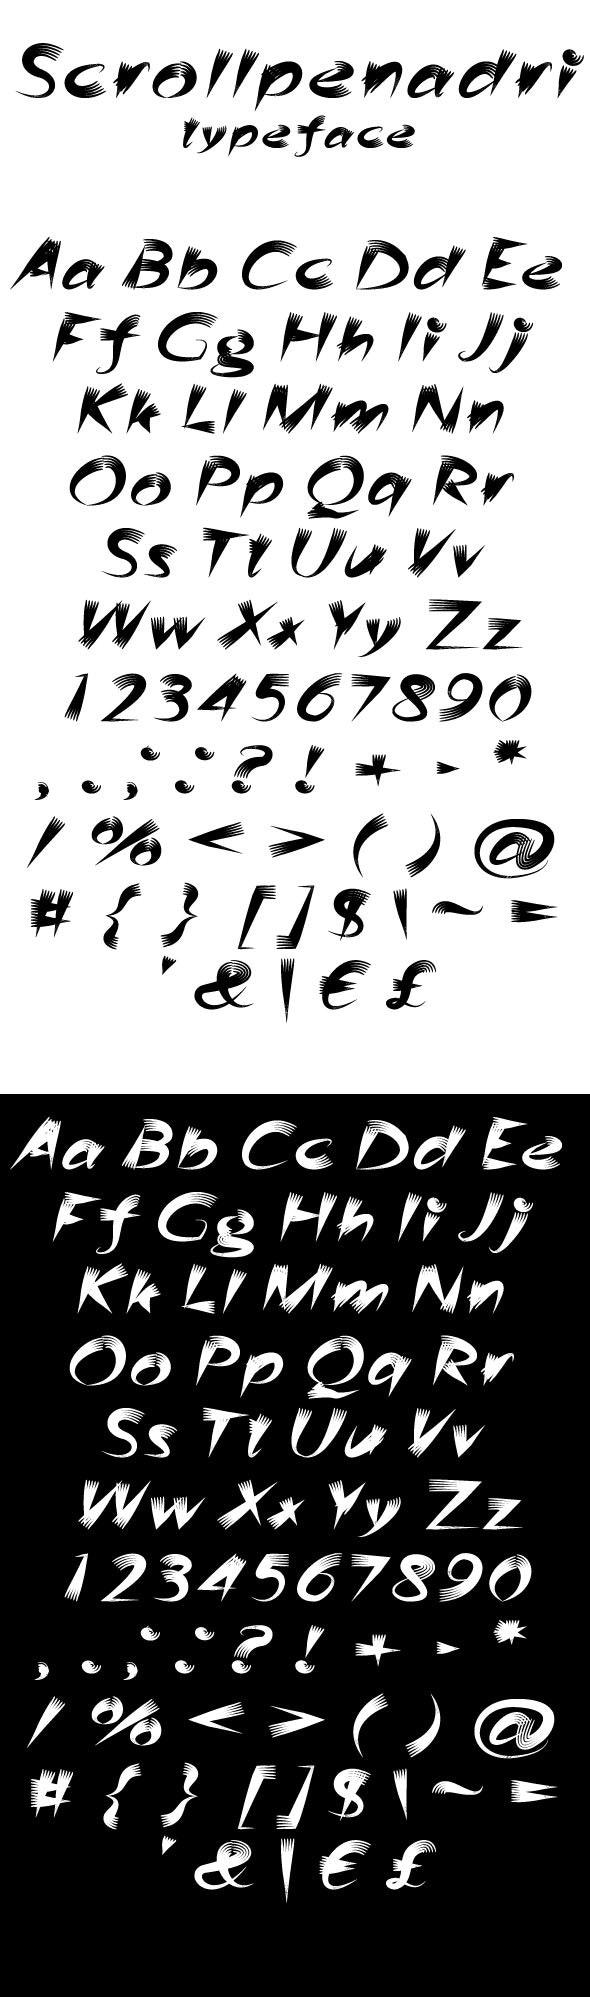 Scrollpenadri - Script Fonts